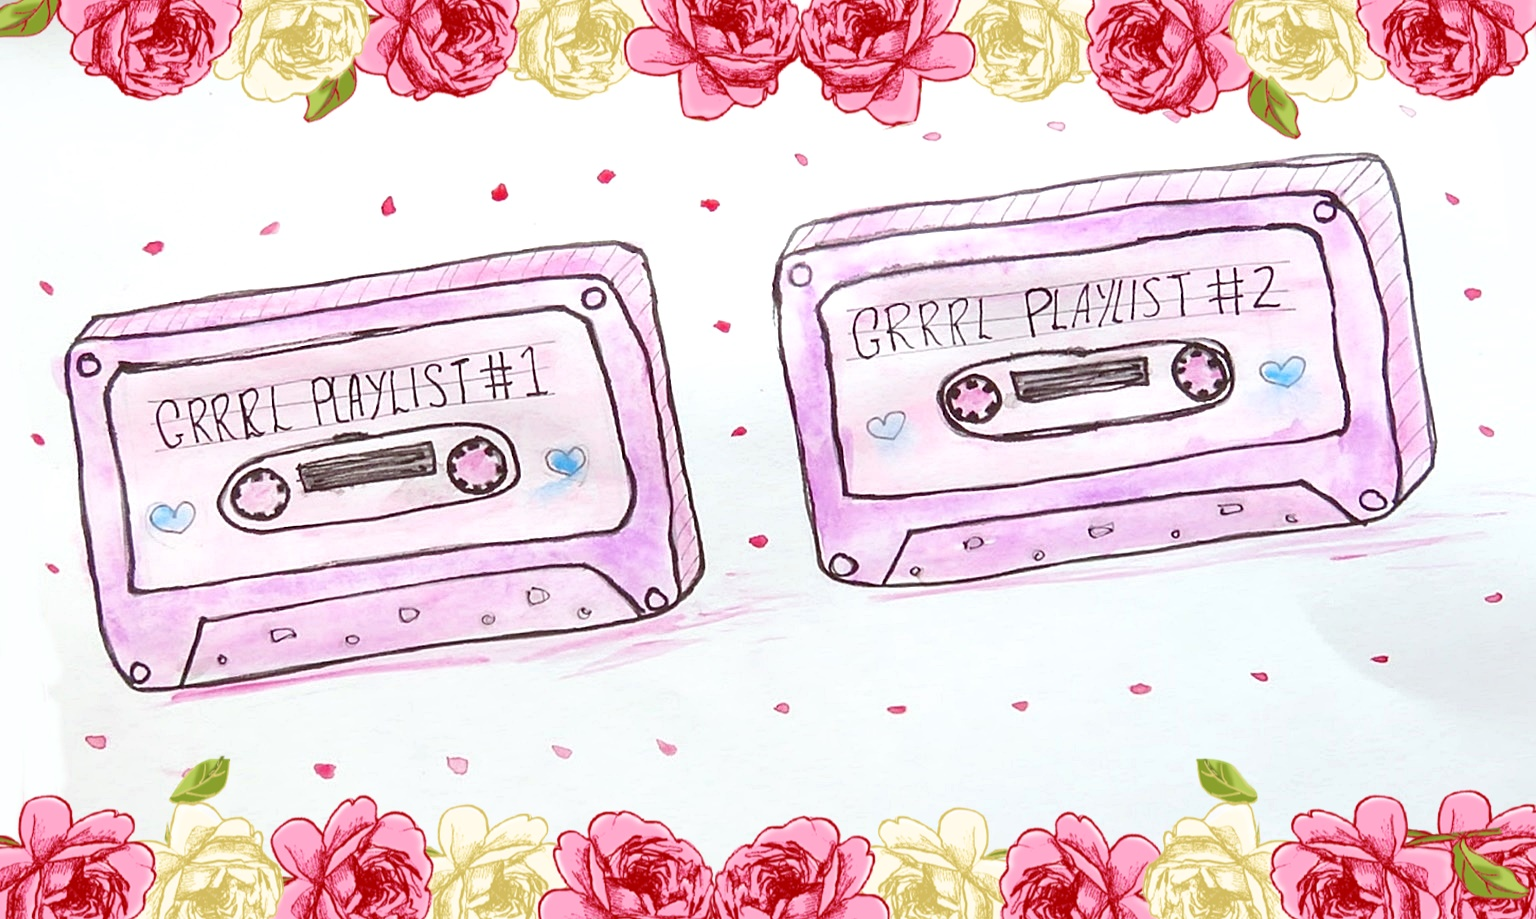 grrrl playlist feminst cassette doodle